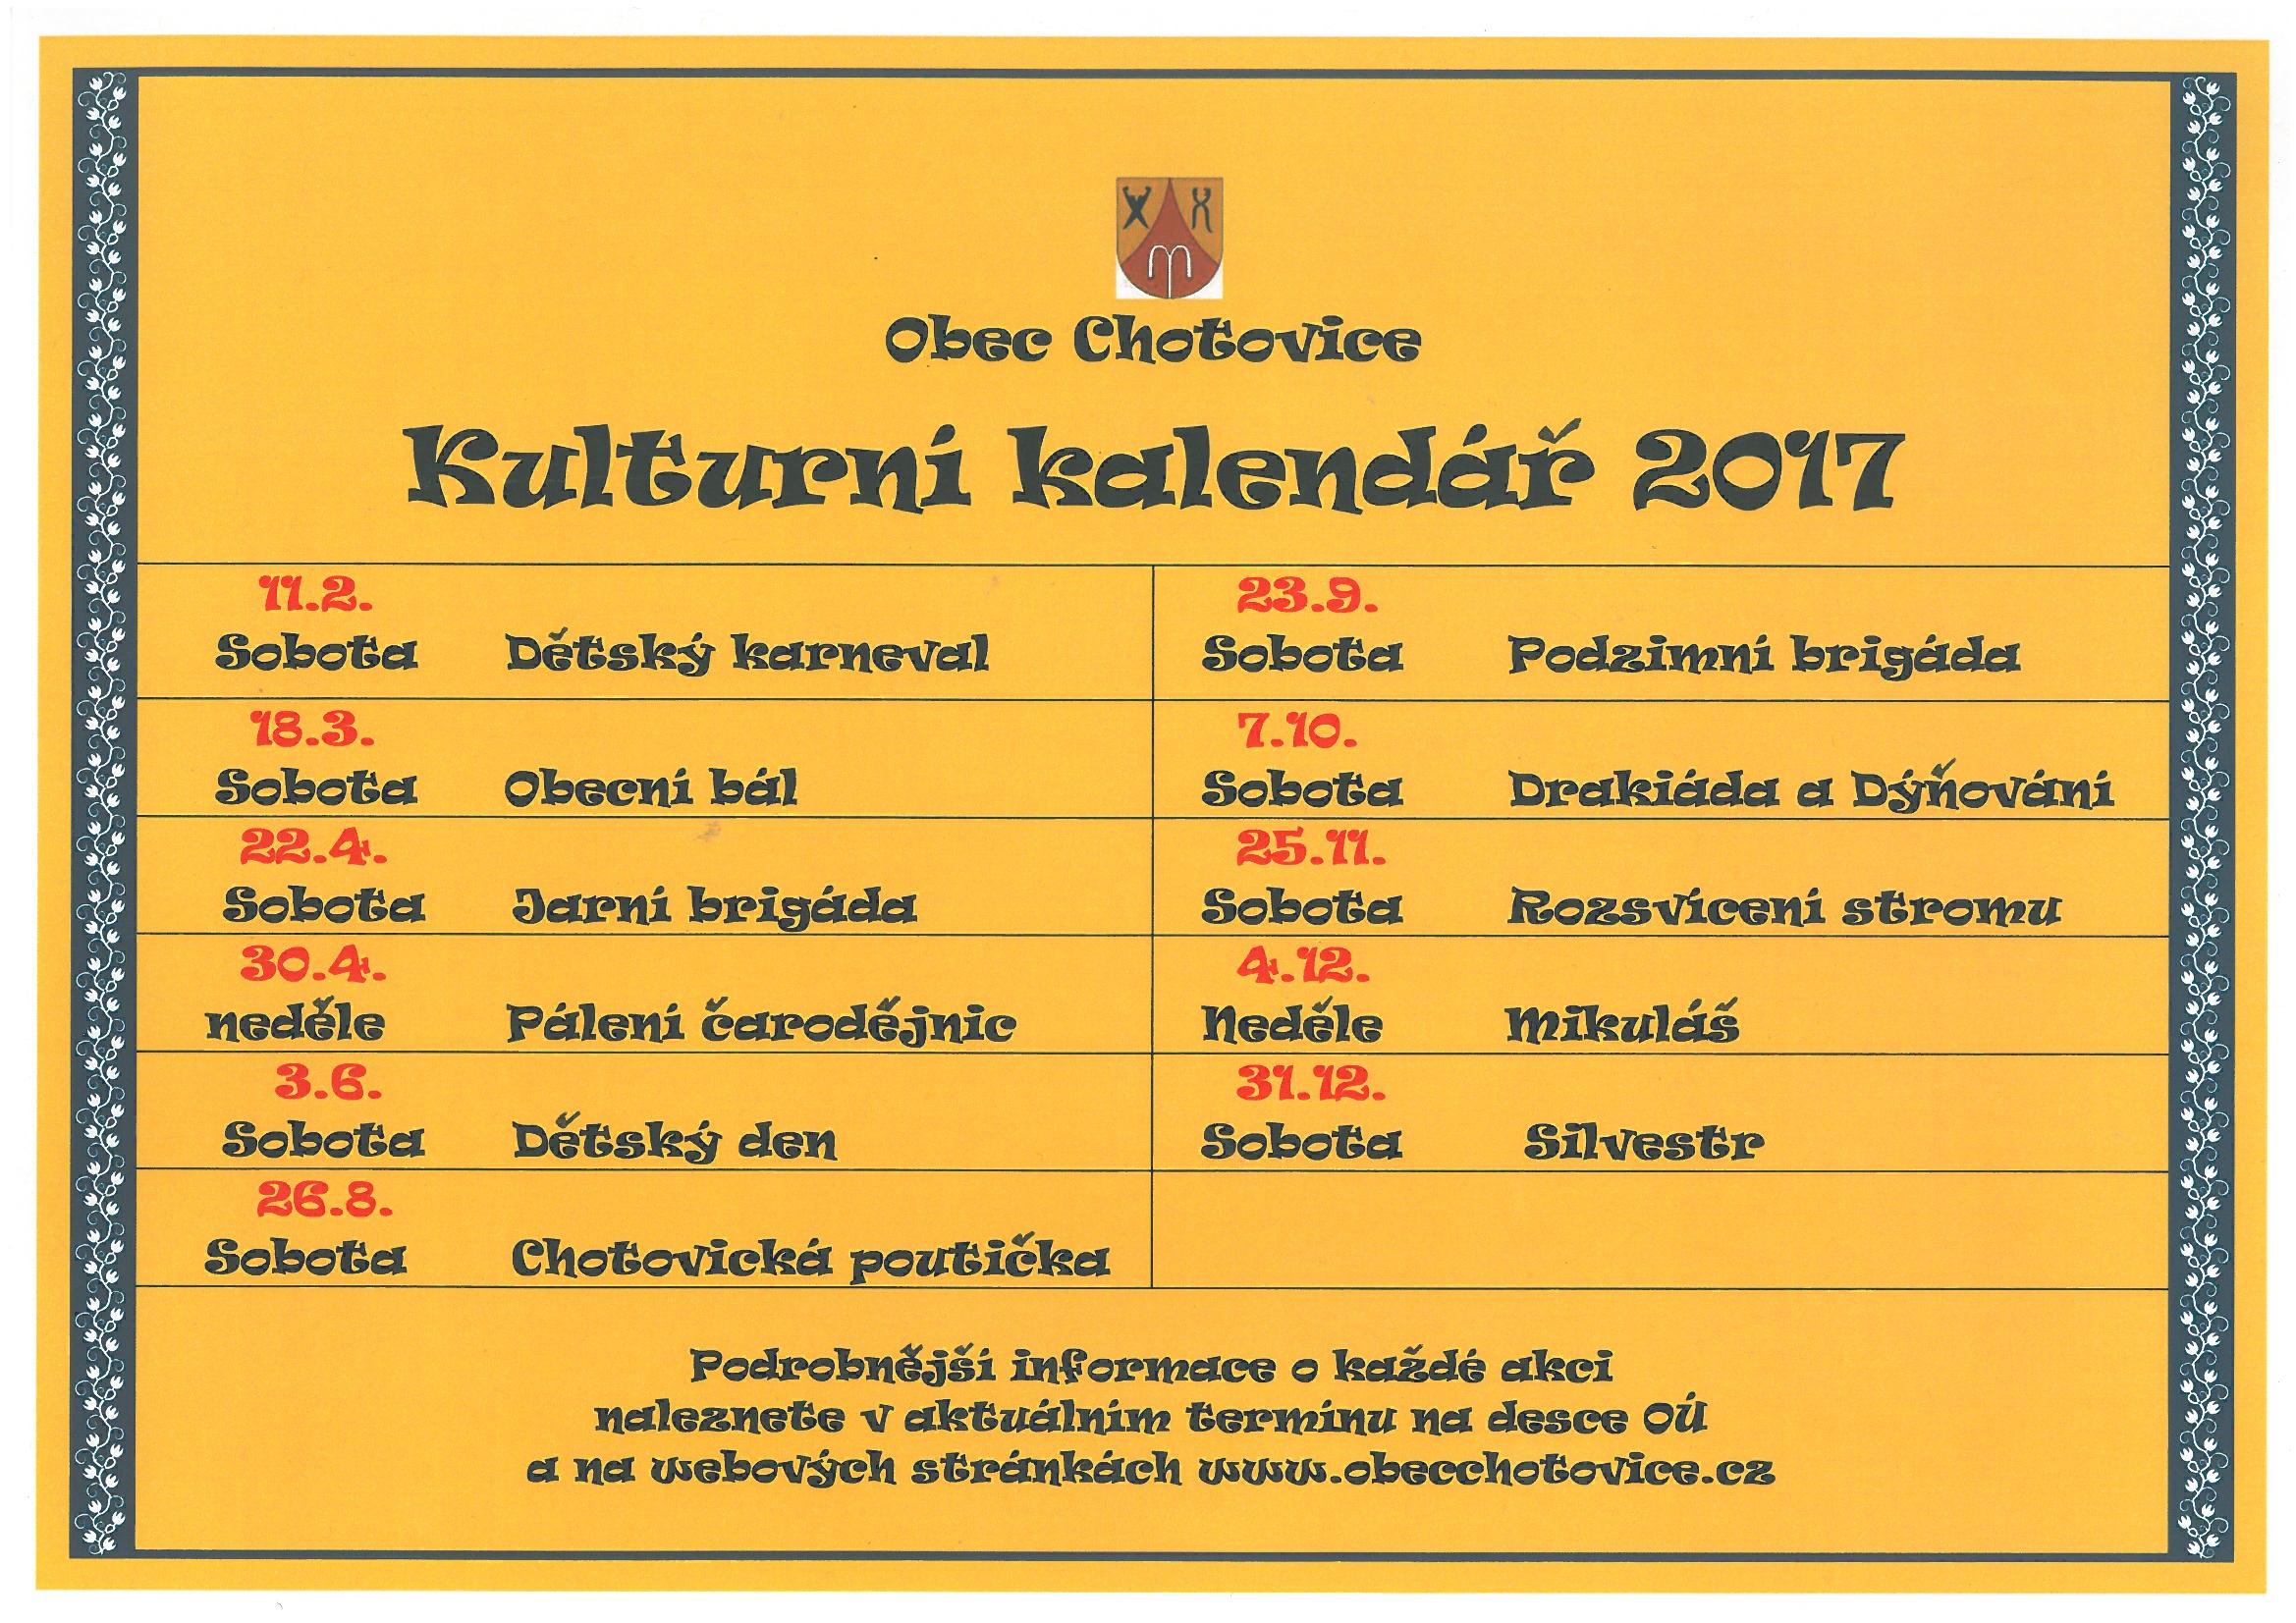 Kulturní kalendář 2017